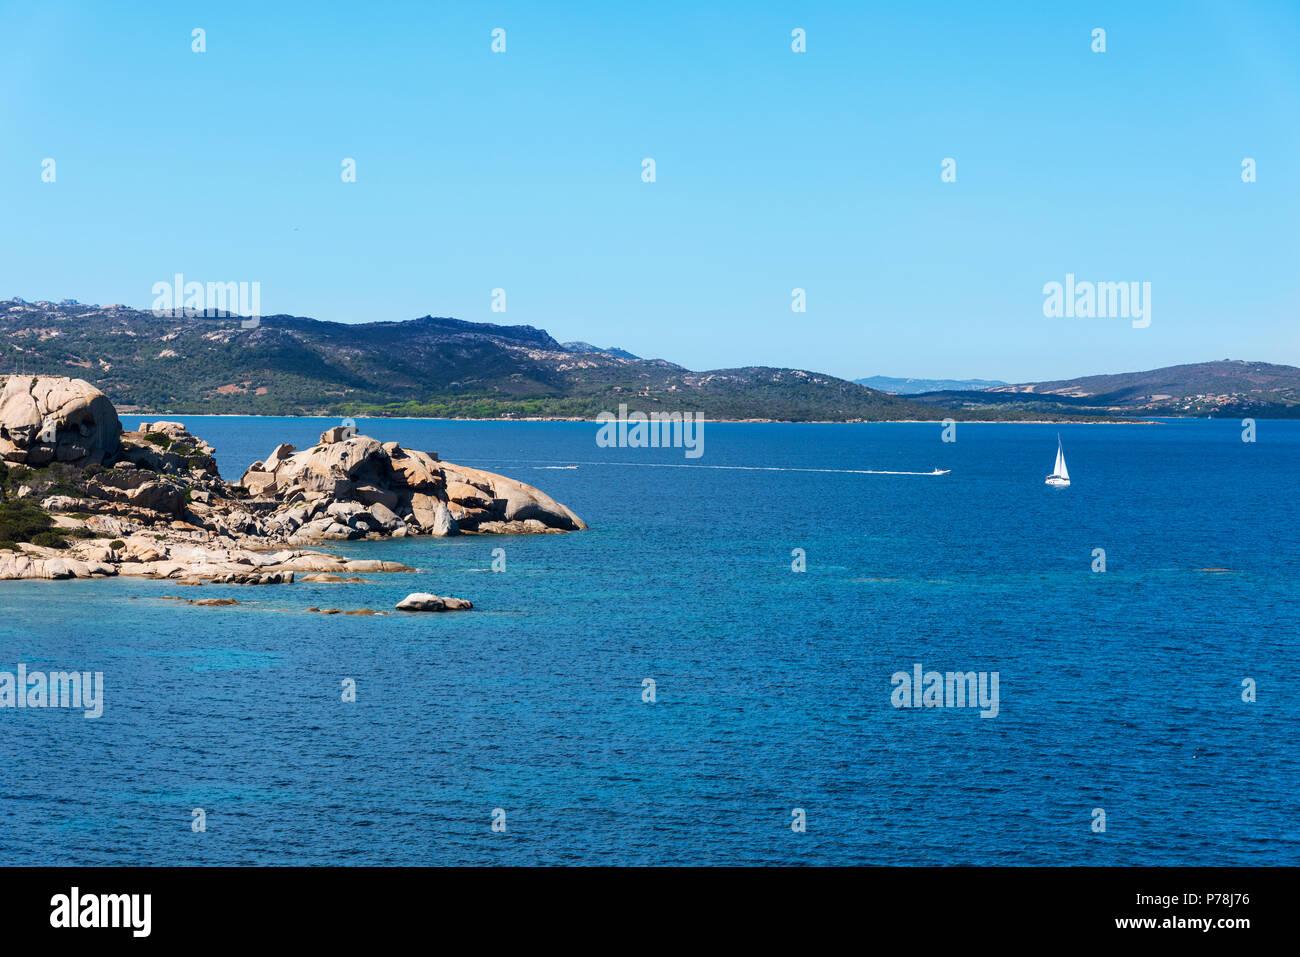 Una vista del mare Mediterraneo e un gruppo di formazioni rocciose in una tranquilla spiaggia della costa di Baja Sardinia, nella famosa Costa Smeralda, Sardegna, Immagini Stock